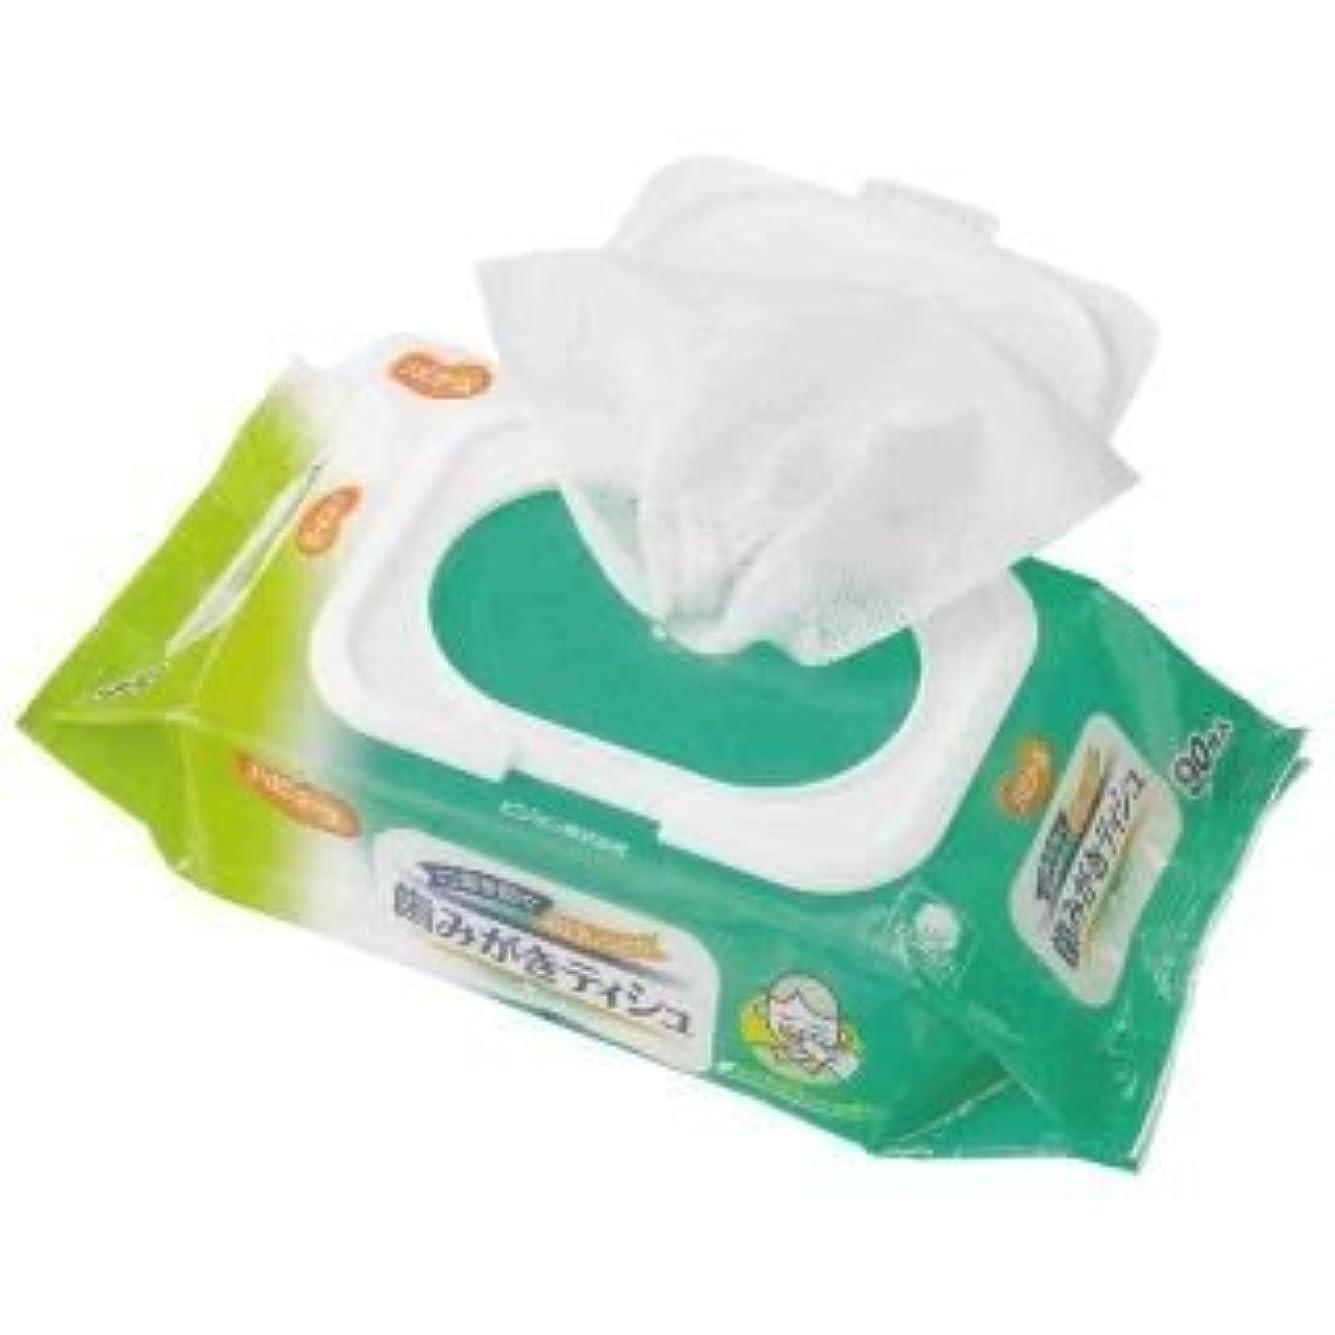 ラボ調査謎めいた口臭を防ぐ&お口しっとり!ふきとりやすいコットンメッシュシート!お口が乾燥して、お口の臭いが気になるときに!歯みがきティシュ 90枚入【2個セット】